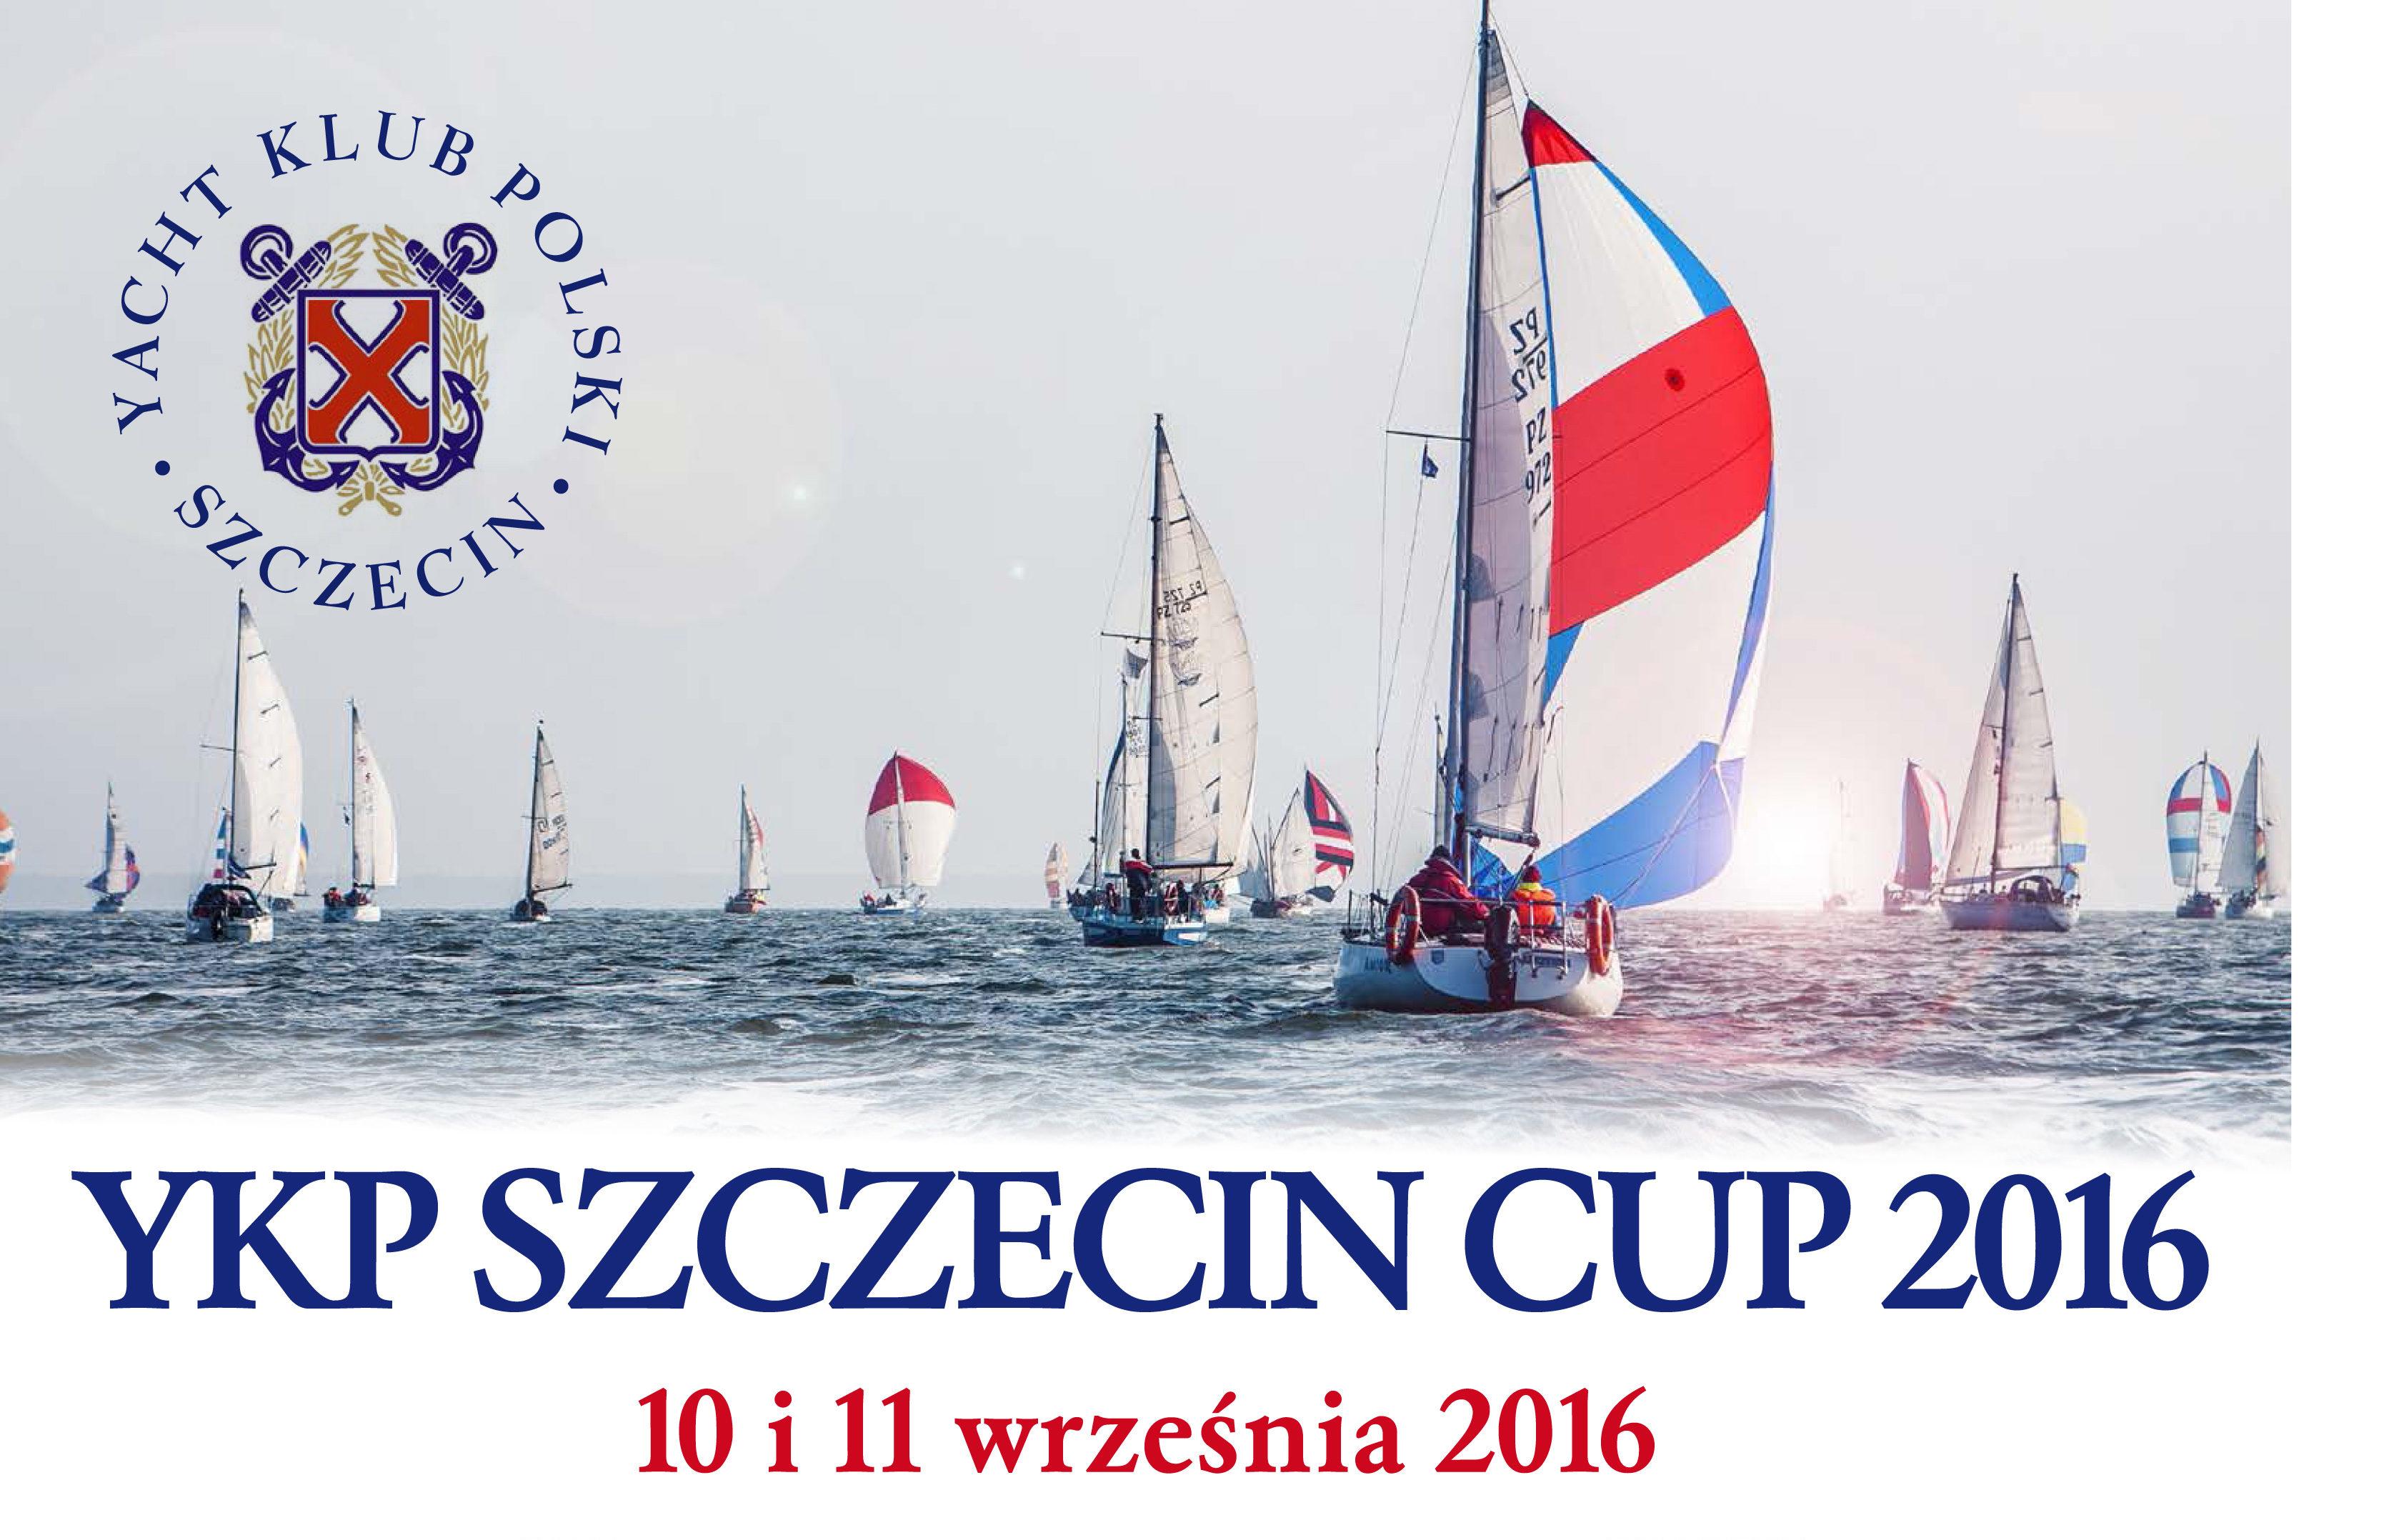 YKP SZCZECIN CUP 2016